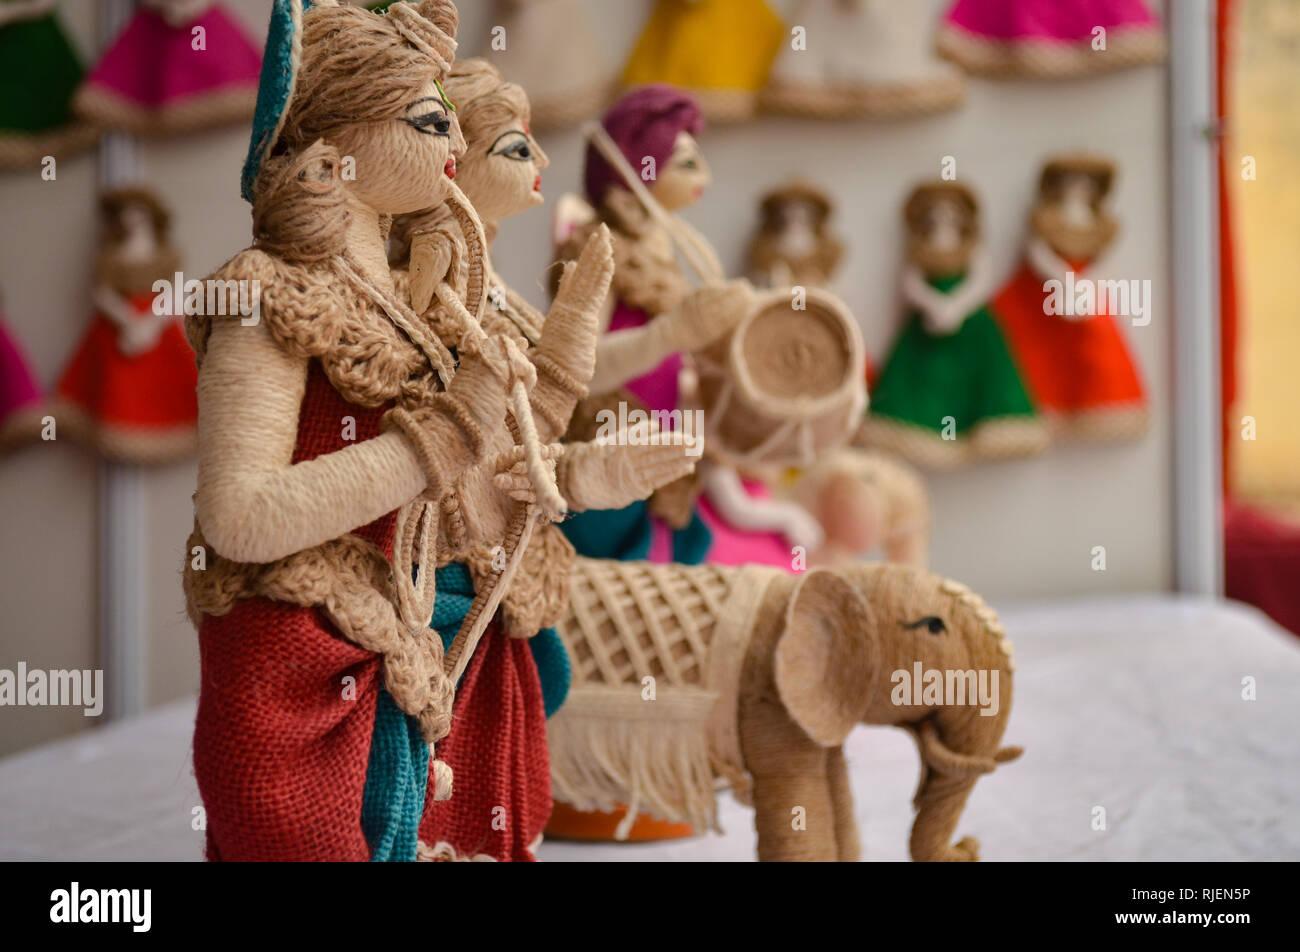 58ac561c709 Handicraft Of Bengal Stock Photos   Handicraft Of Bengal Stock ...